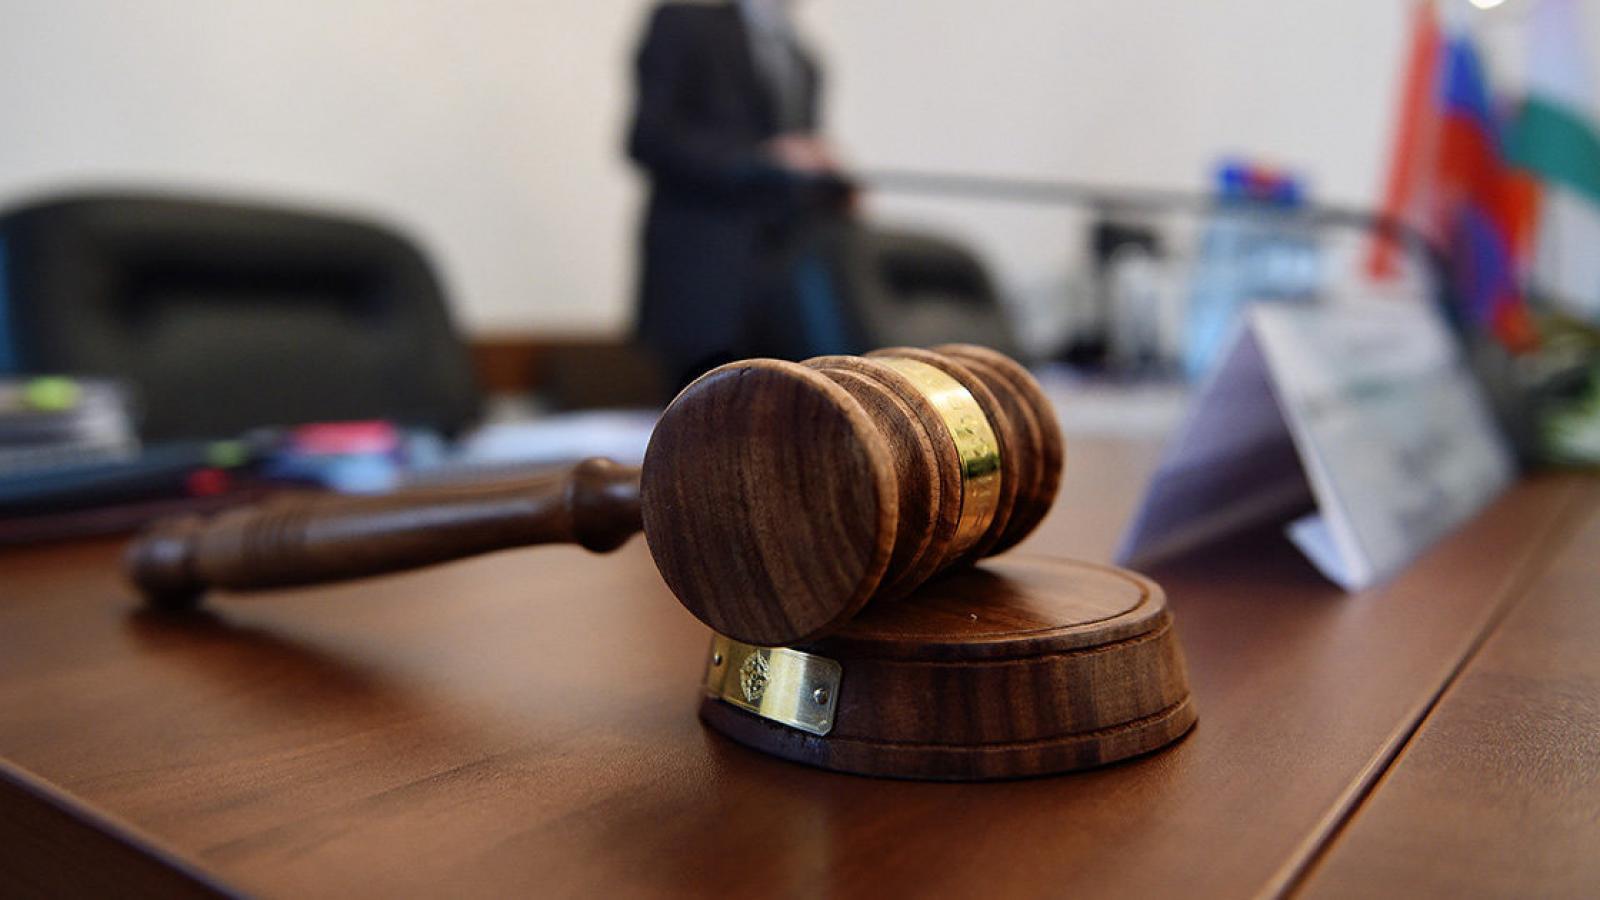 Суд прекратил уголовное преследование завотделением за злоупотребление полномочиями